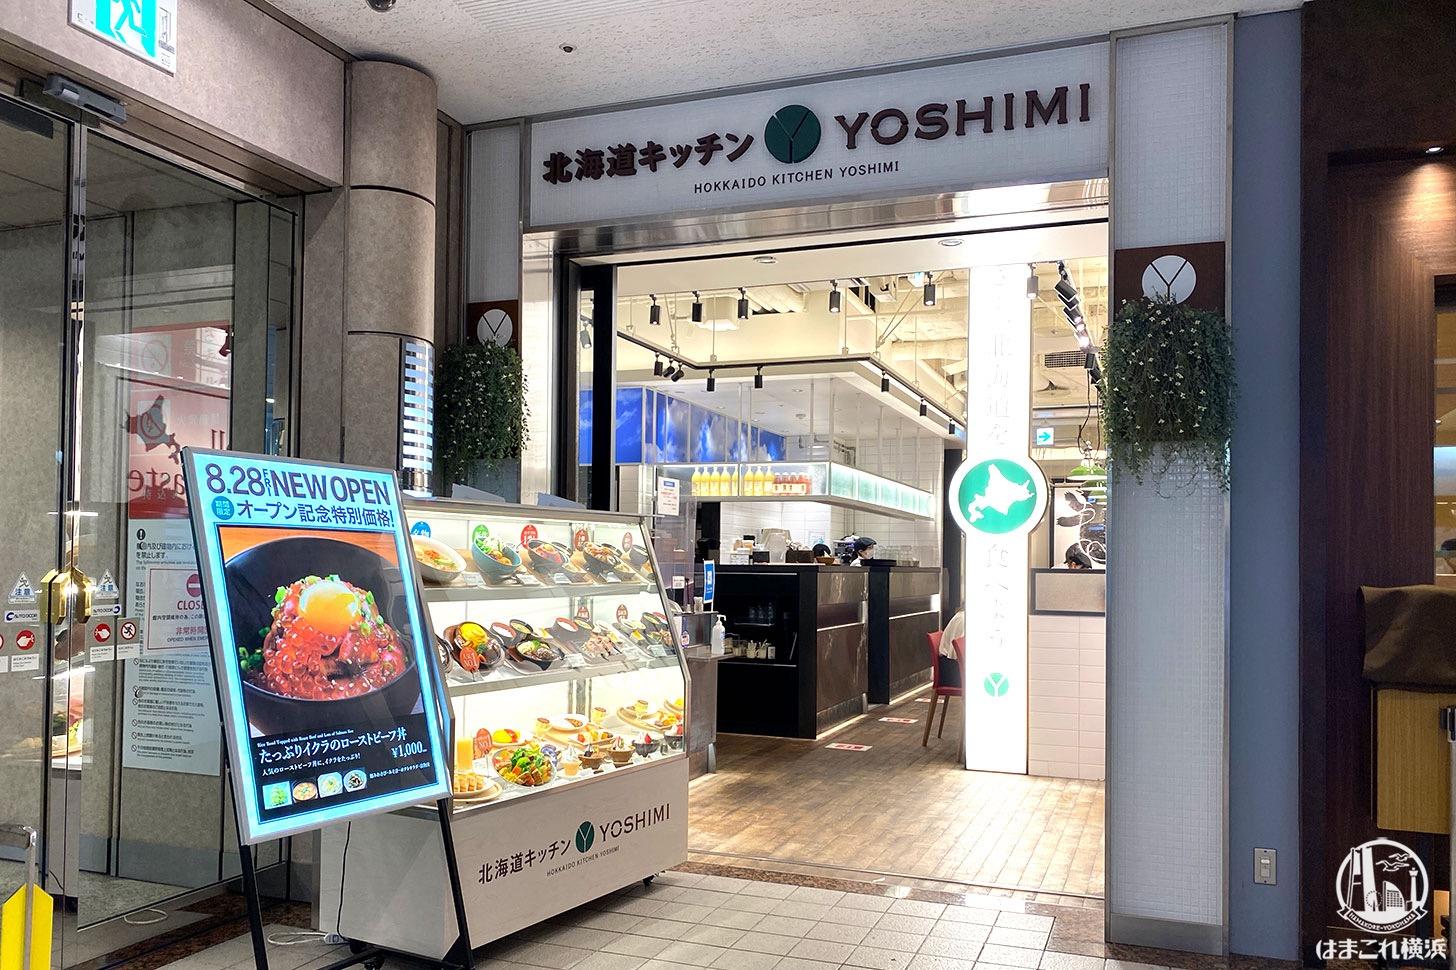 北海道キッチンYOSHIMI、ランドマークプラザにオープン!